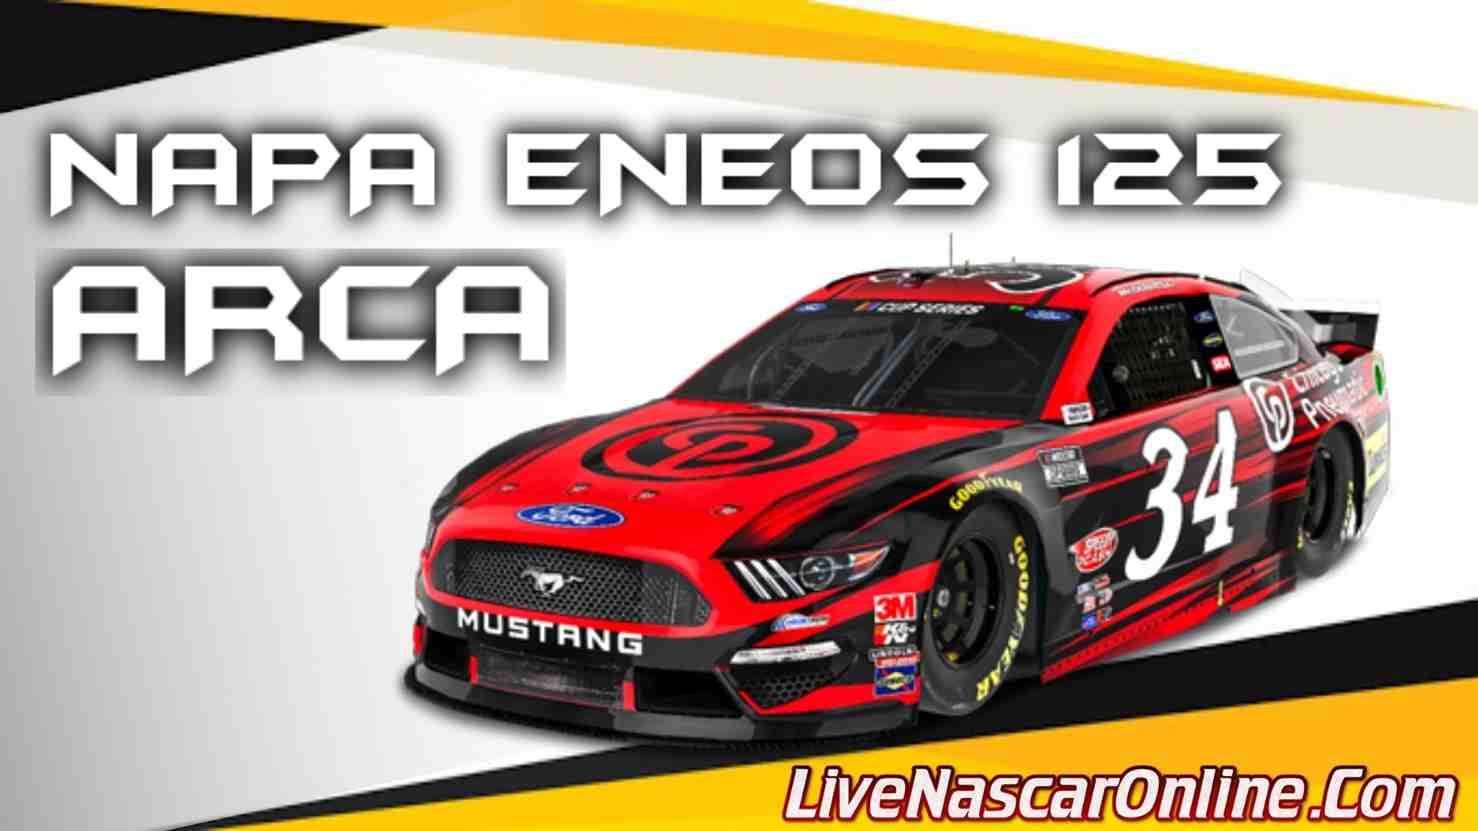 NAPA ENEOS 125 Live Stream